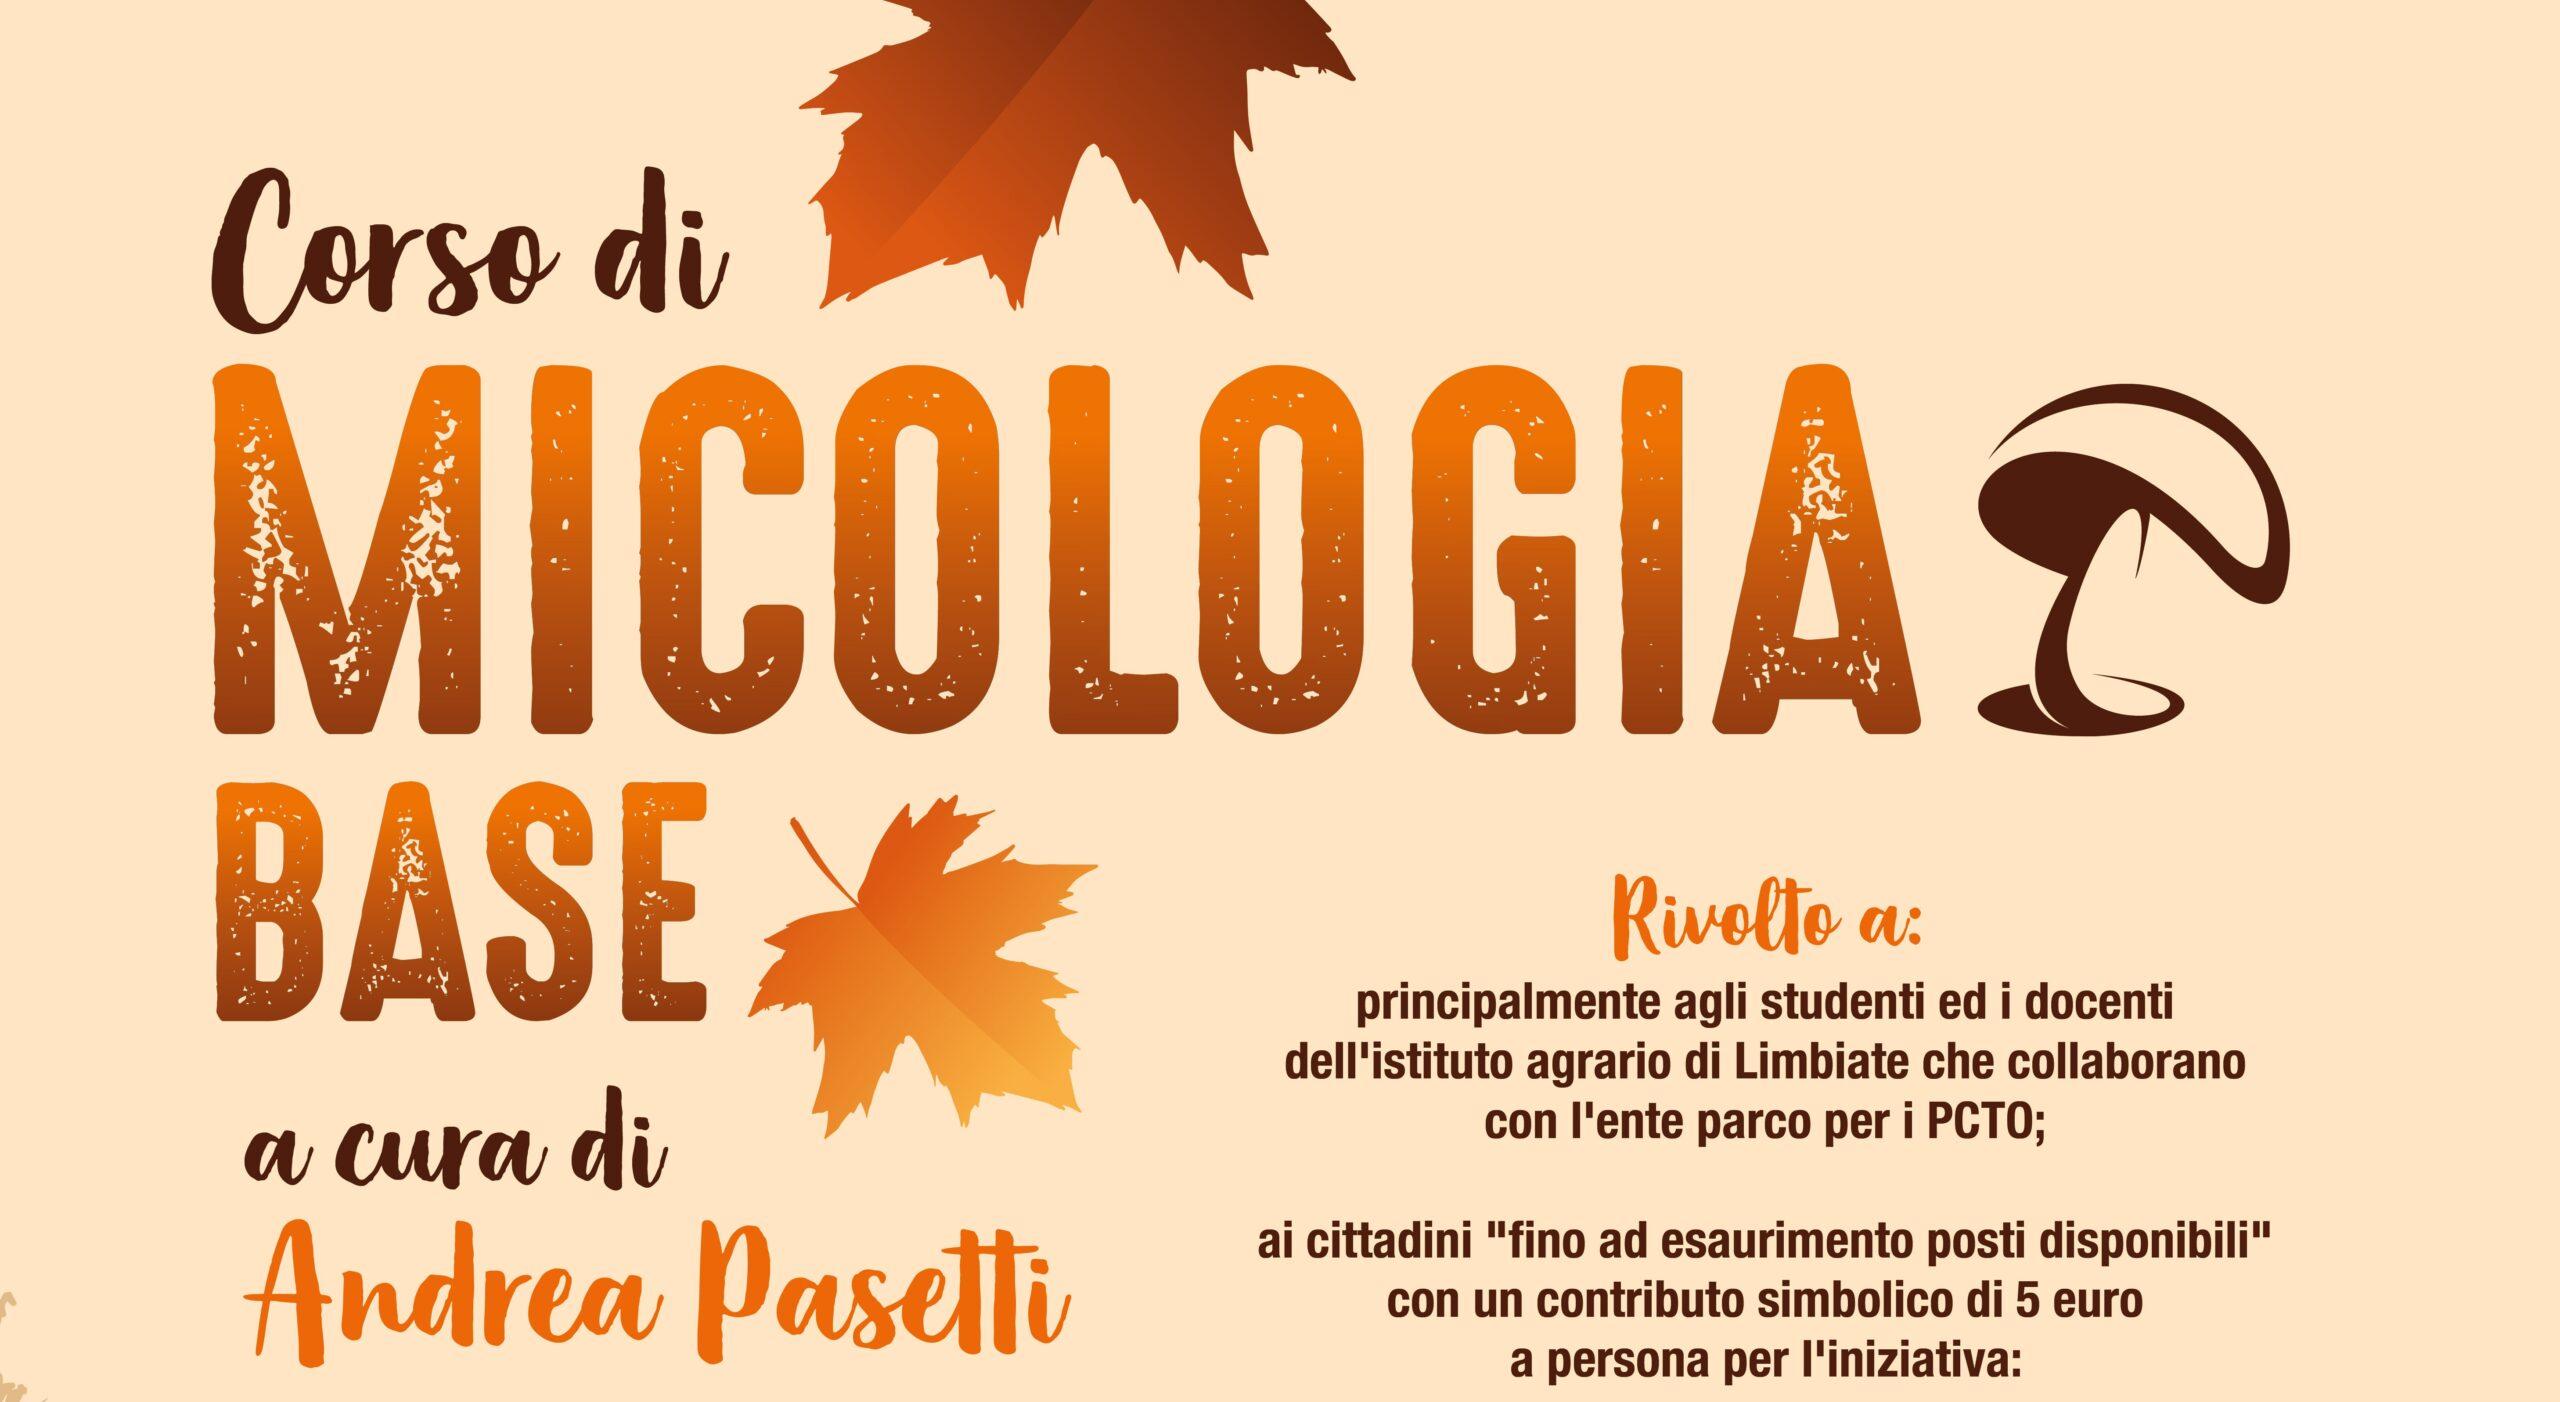 Corso gratuito di micologia con docente Andrea Pasetti, micologo e naturalista